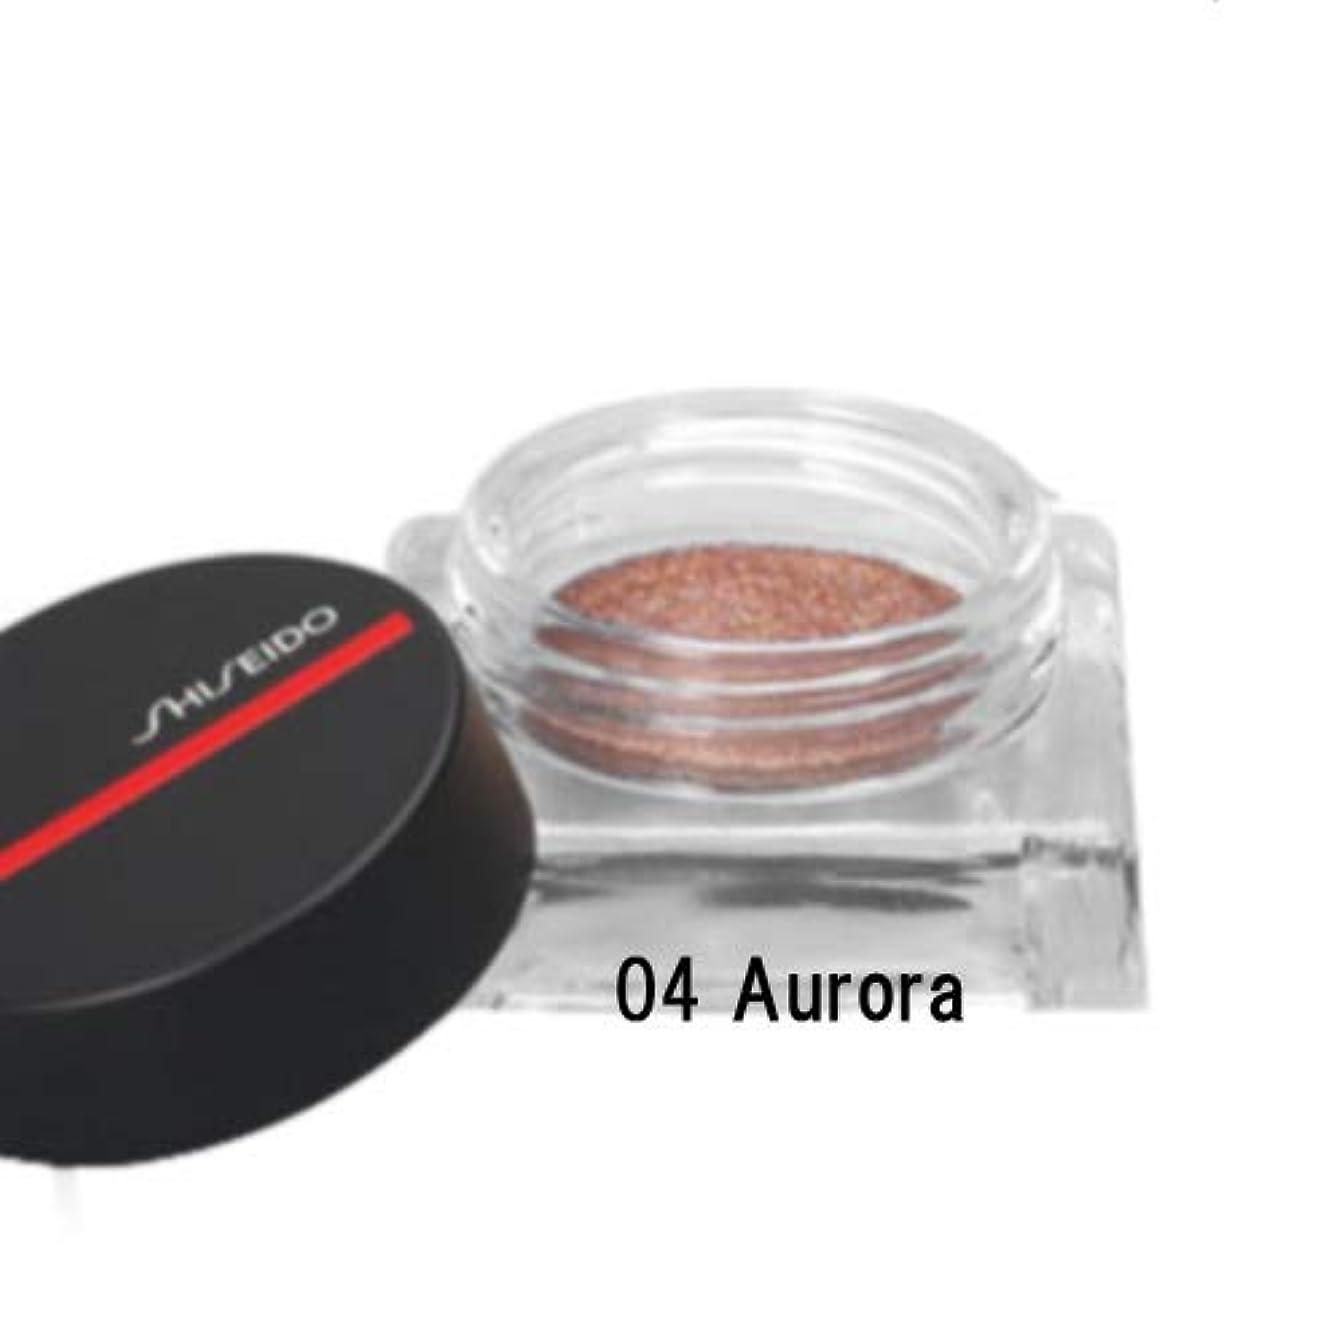 協力モードリン石化するSHISEIDO メーキャップ(シセイドウ メーキャップ) SHISEIDO(資生堂) オーラデュウ プリズム 4.8g #04 Aurora